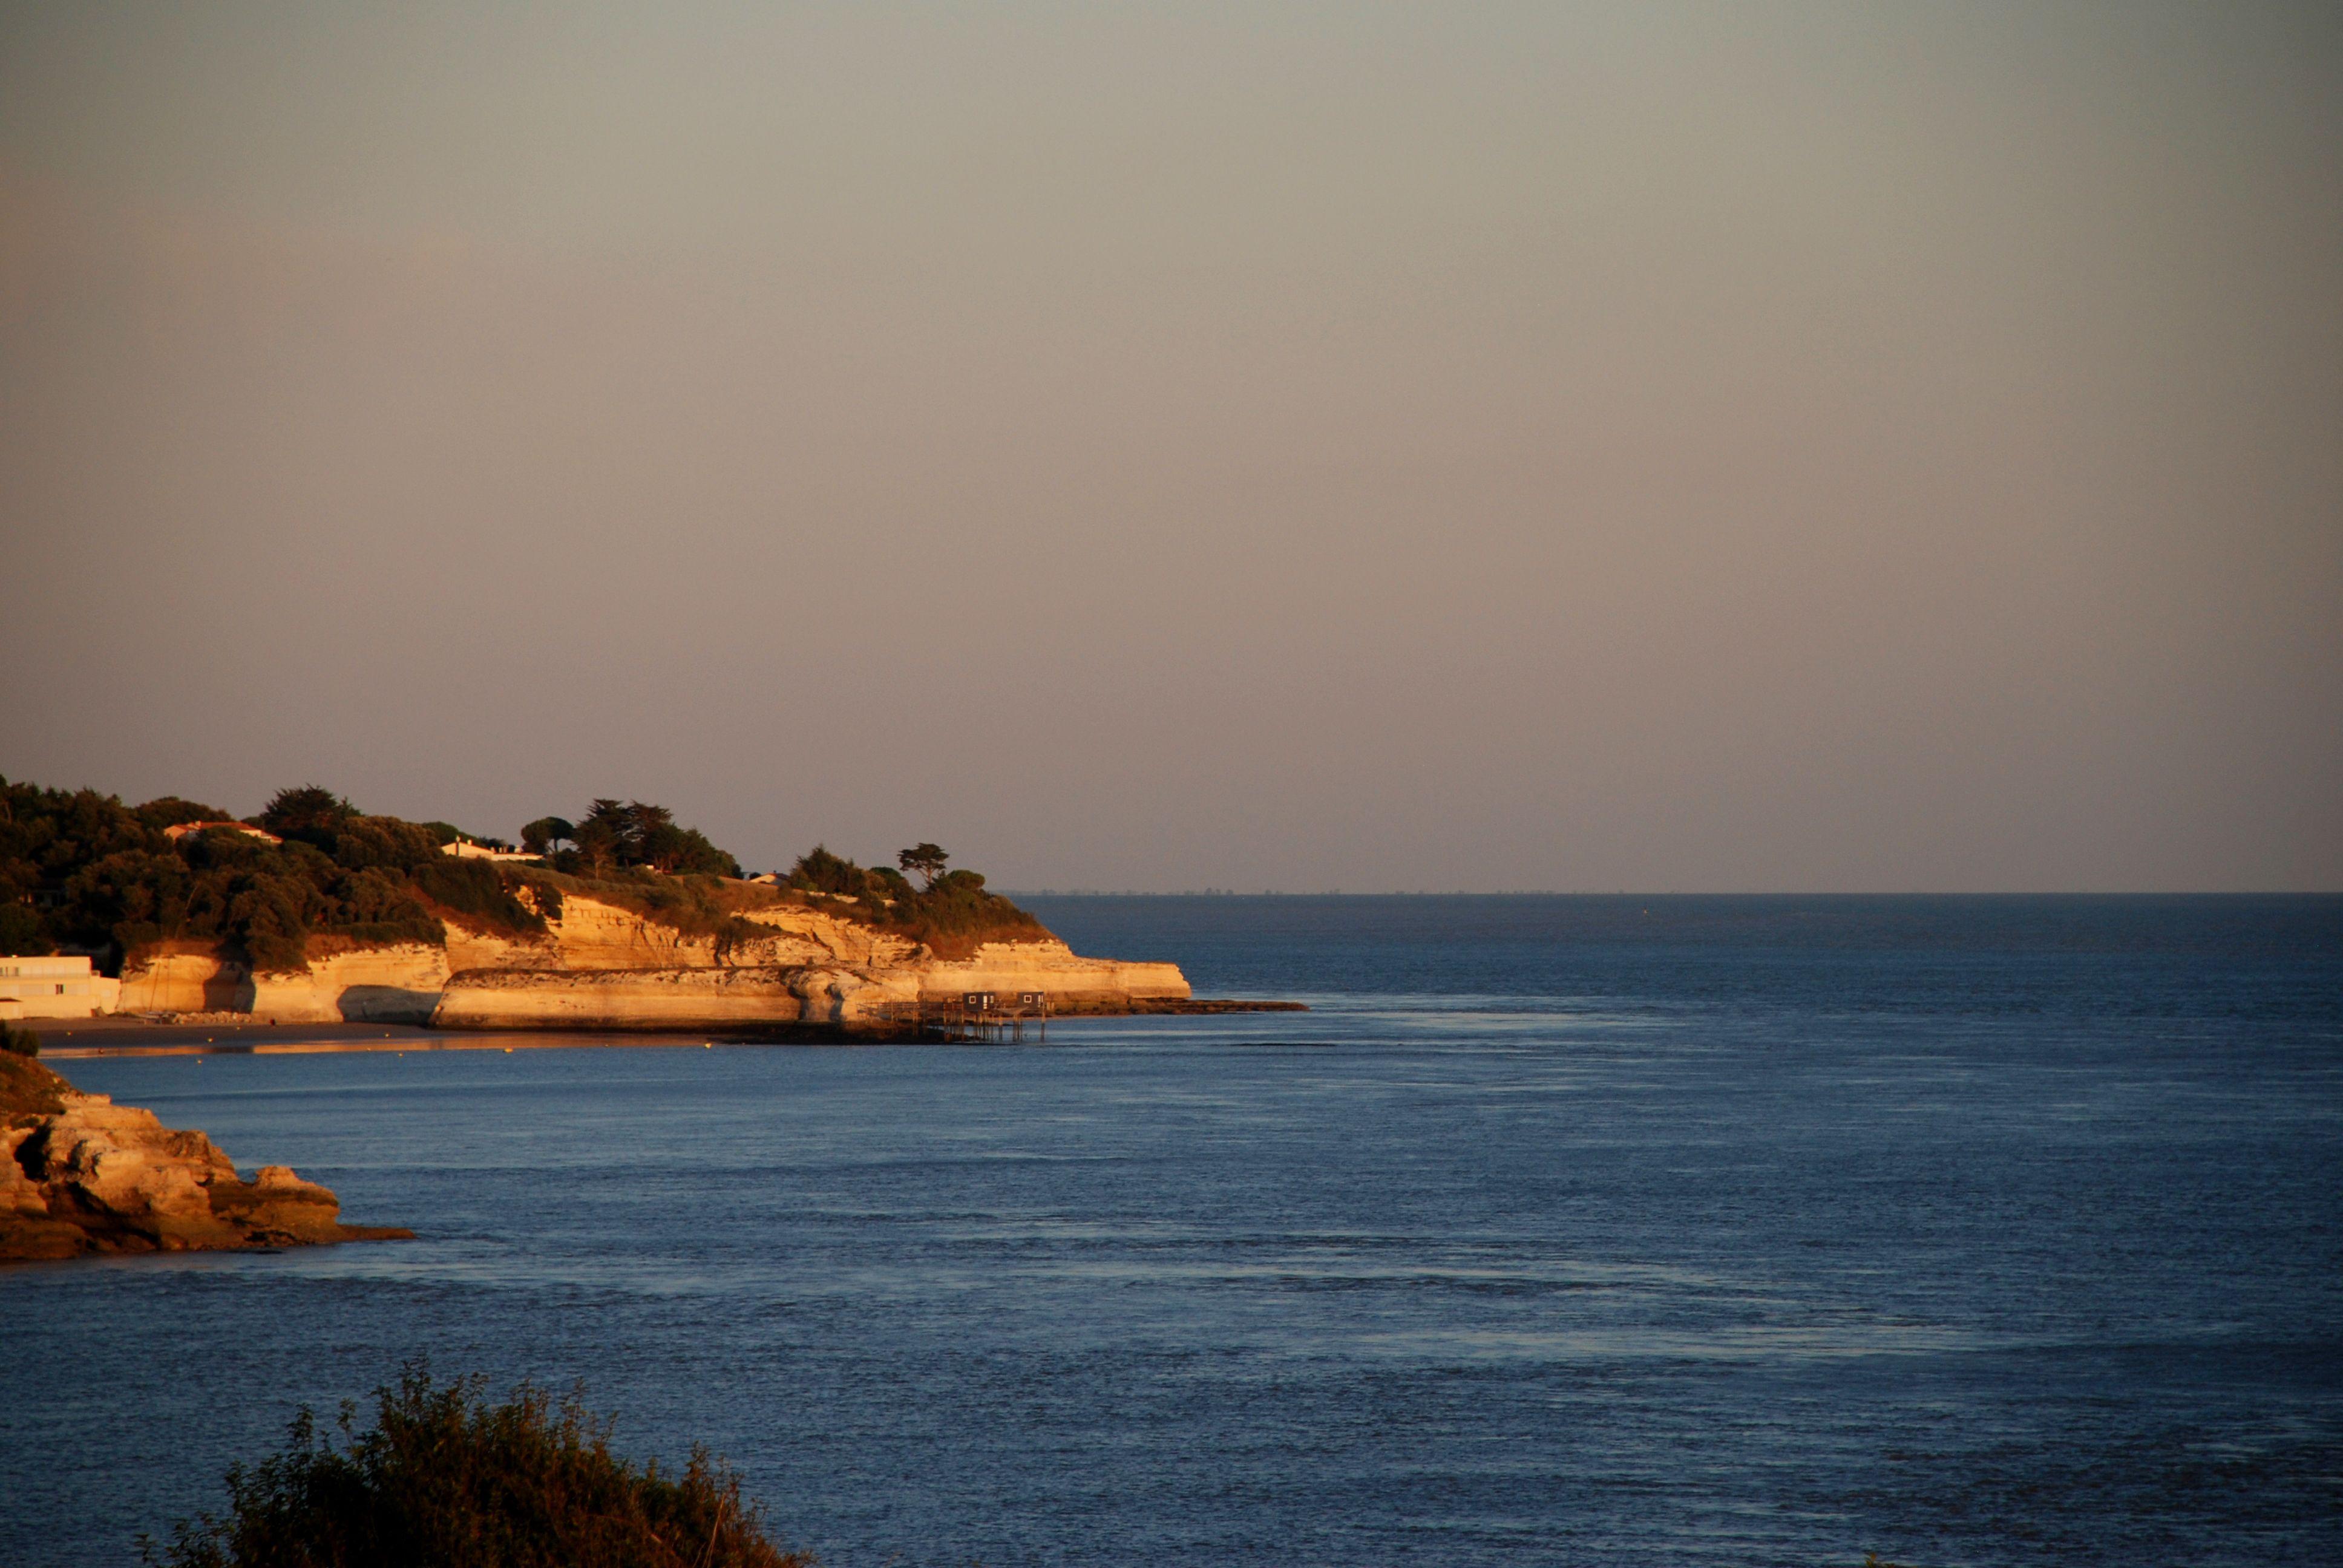 Lumière du soir depuis la Pointe de Suzac #saintgeorgesdedidonne #royan #estuaire #sunset #couchédesoleil #sky #parcdelestuaire #falaise #charentemaritime